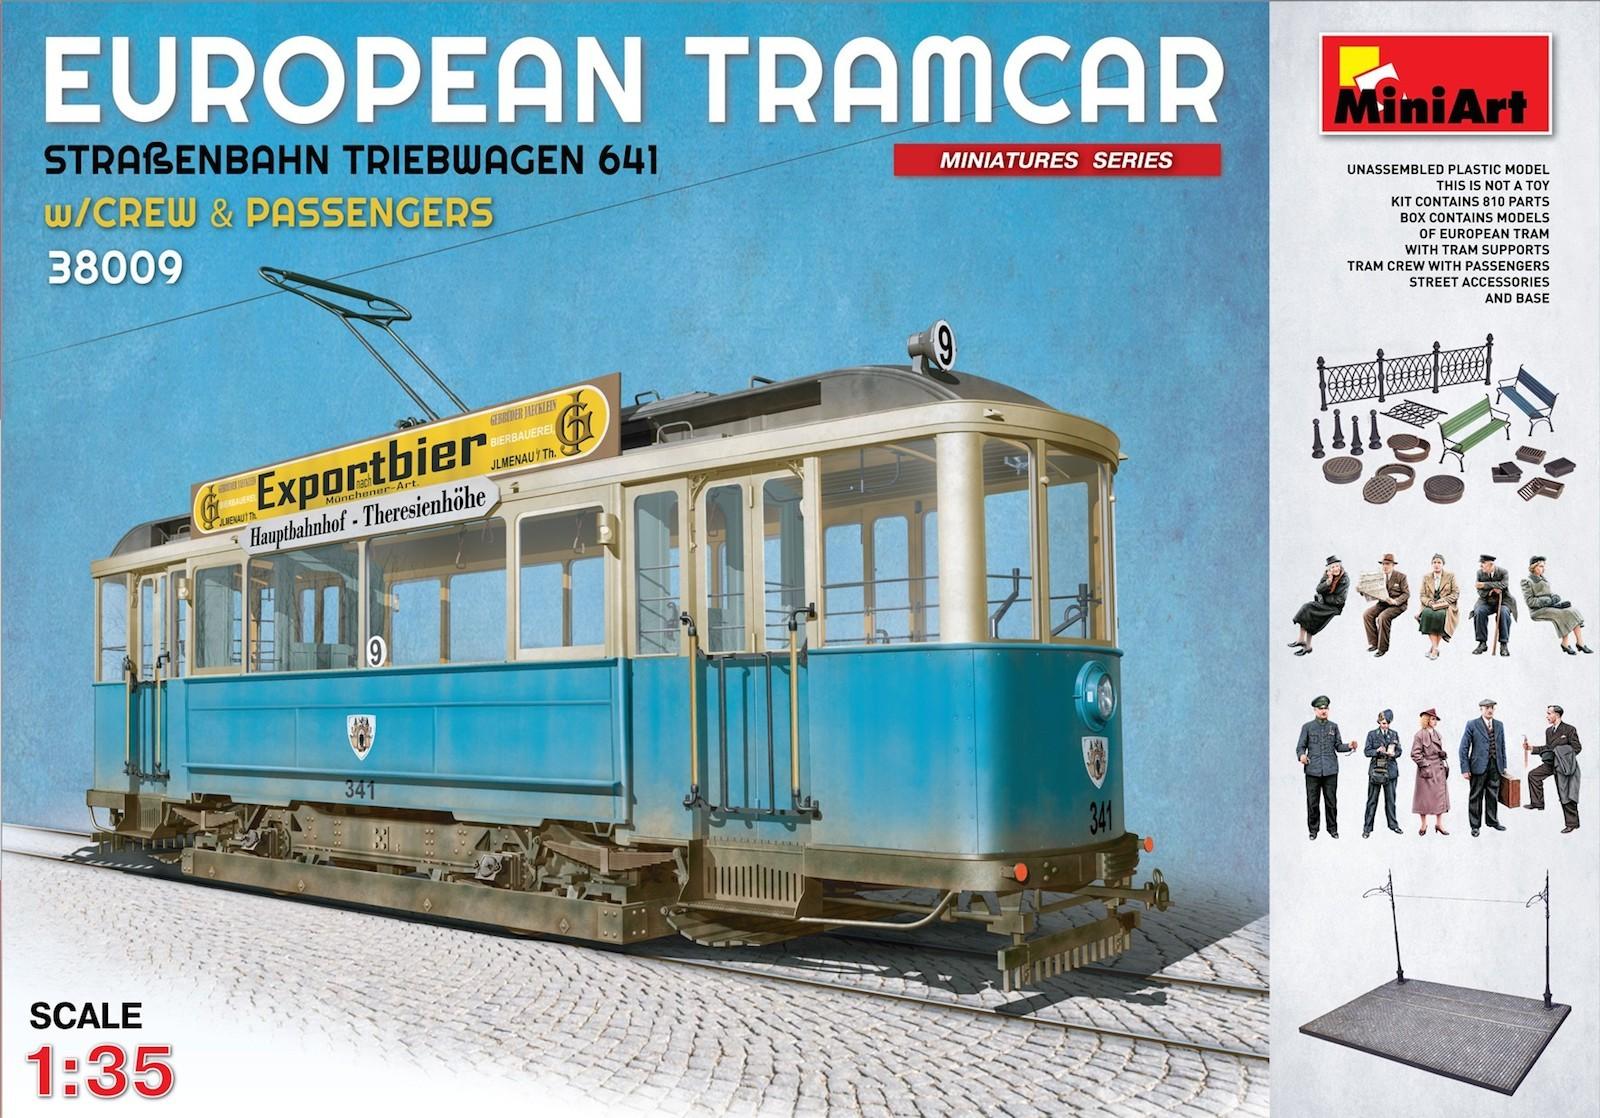 ウクライナの狂気!「コナゴナに分割された路面電車のプラモデル」を見よ!!_b0029315_17252953.jpg